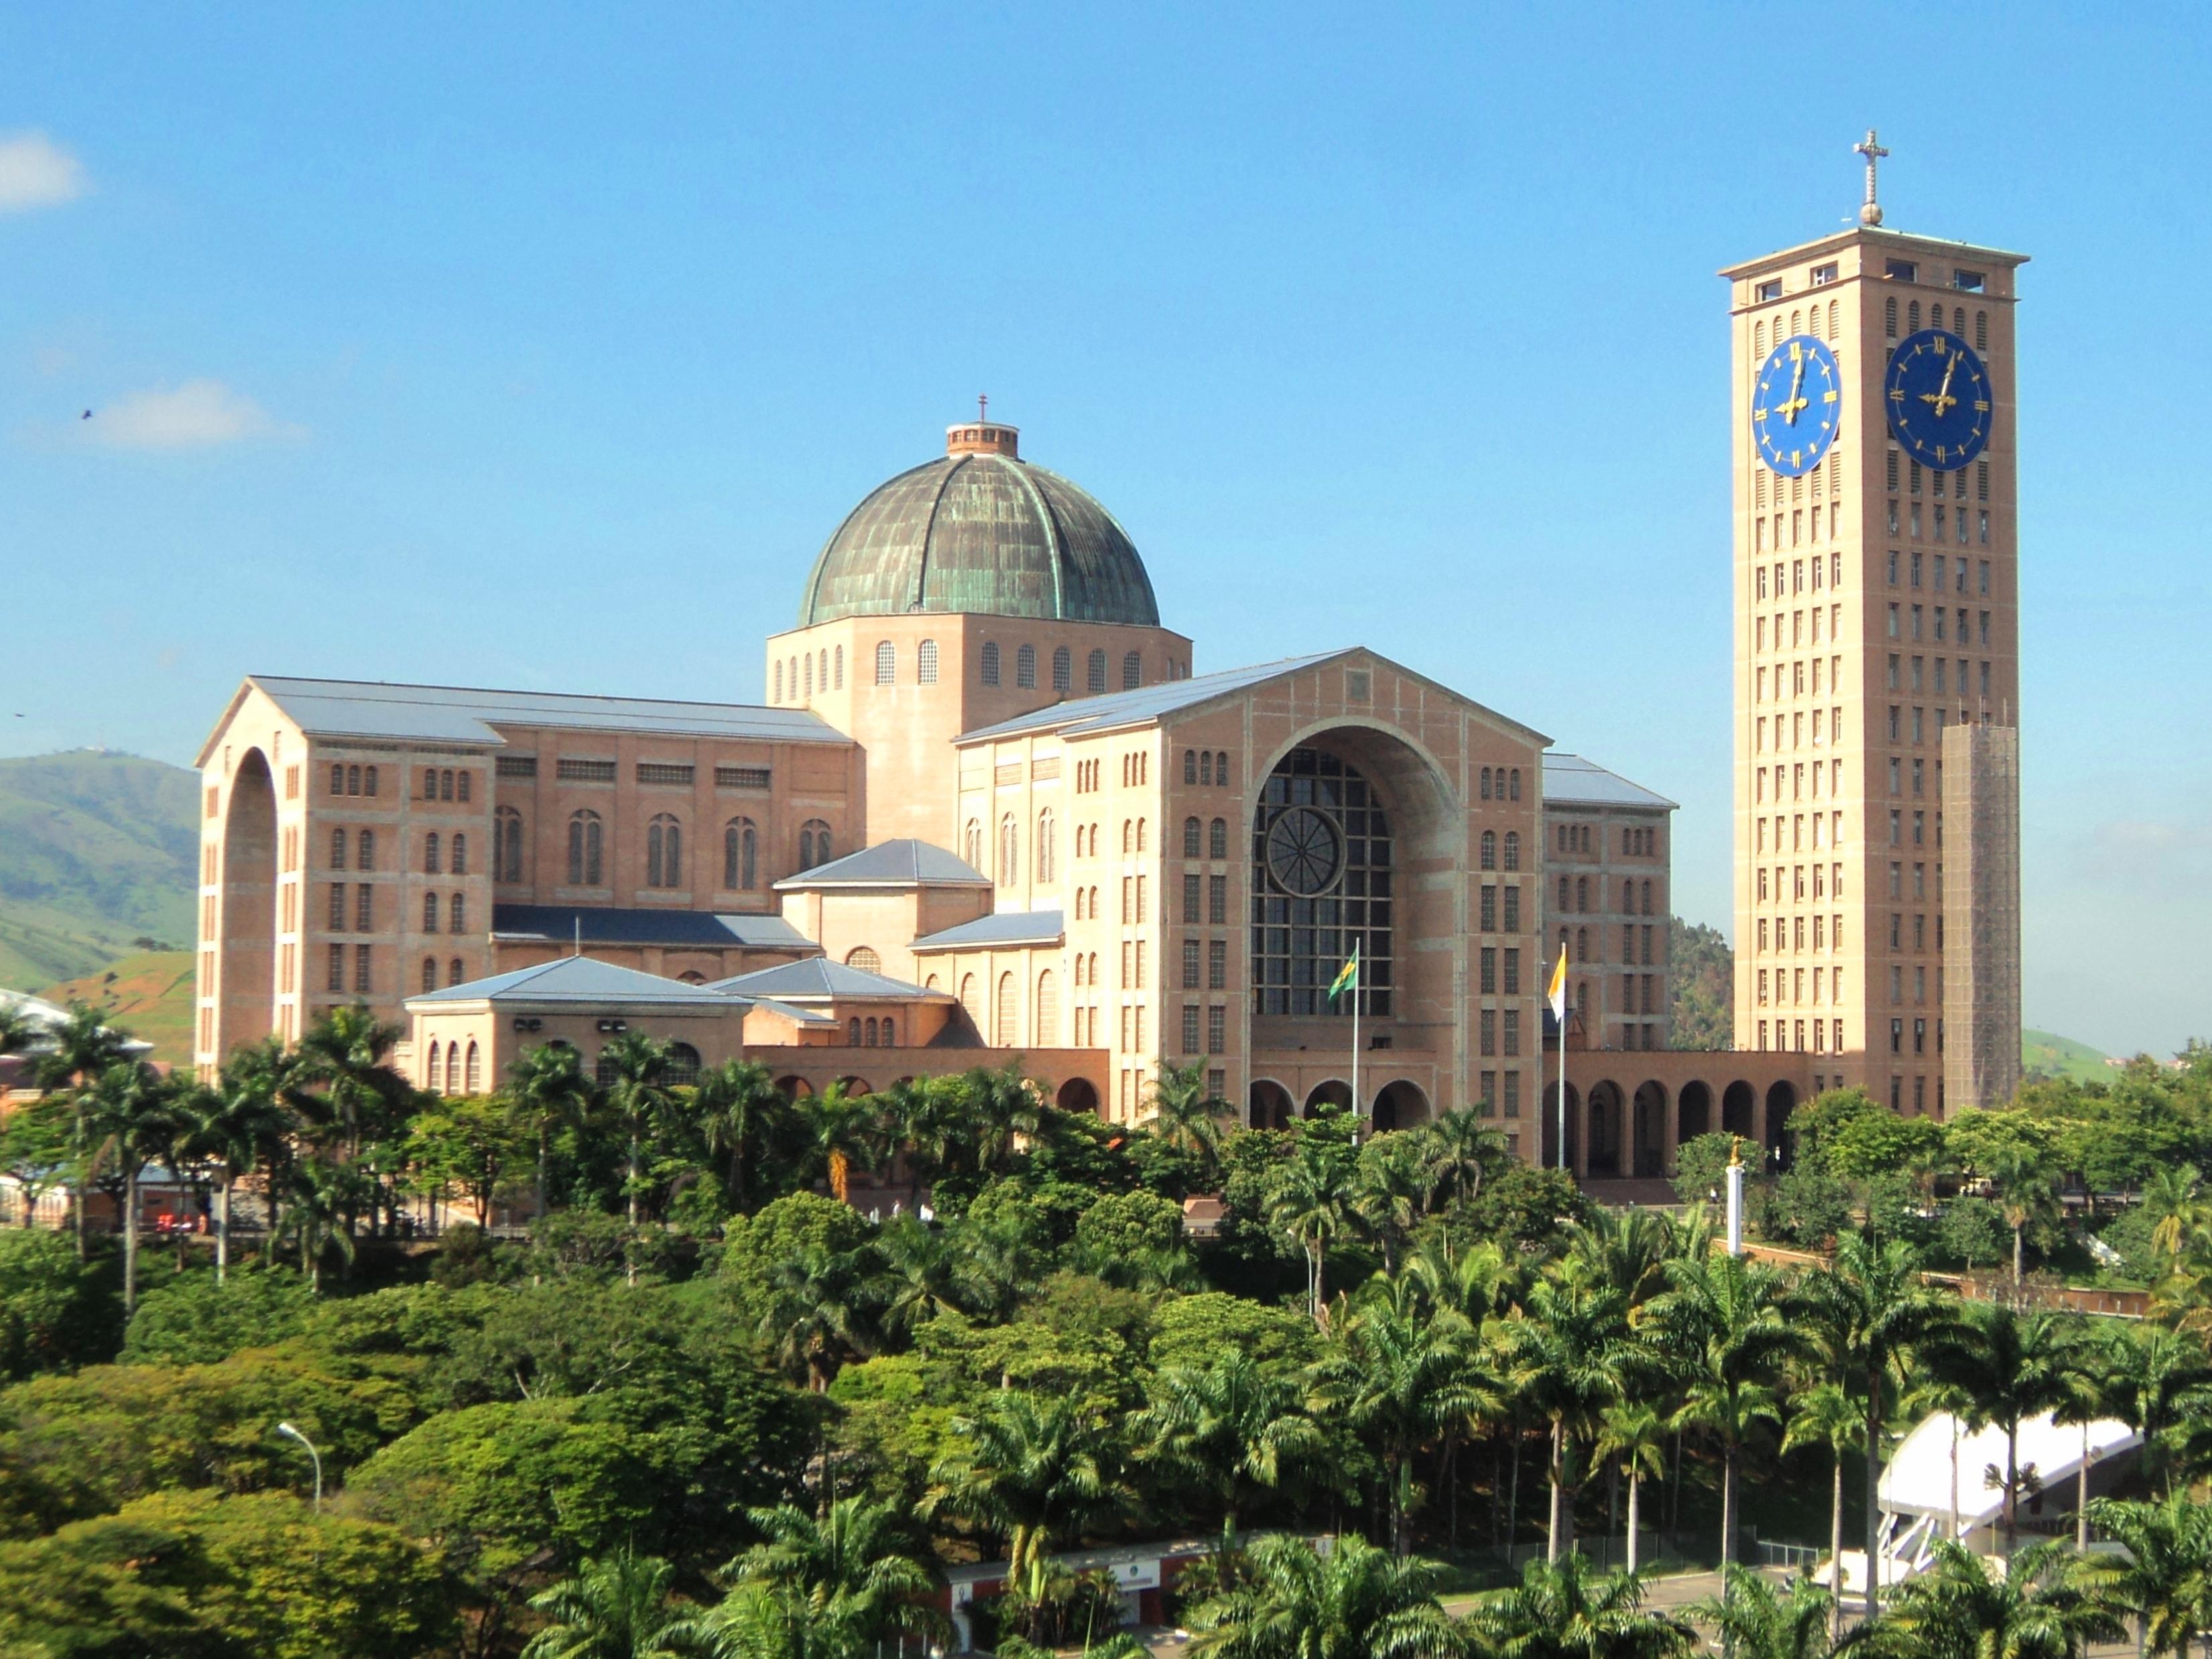 Nossa Senhora Aparecida: File:Frente Da Basílica De Nossa Senhora Aparecida